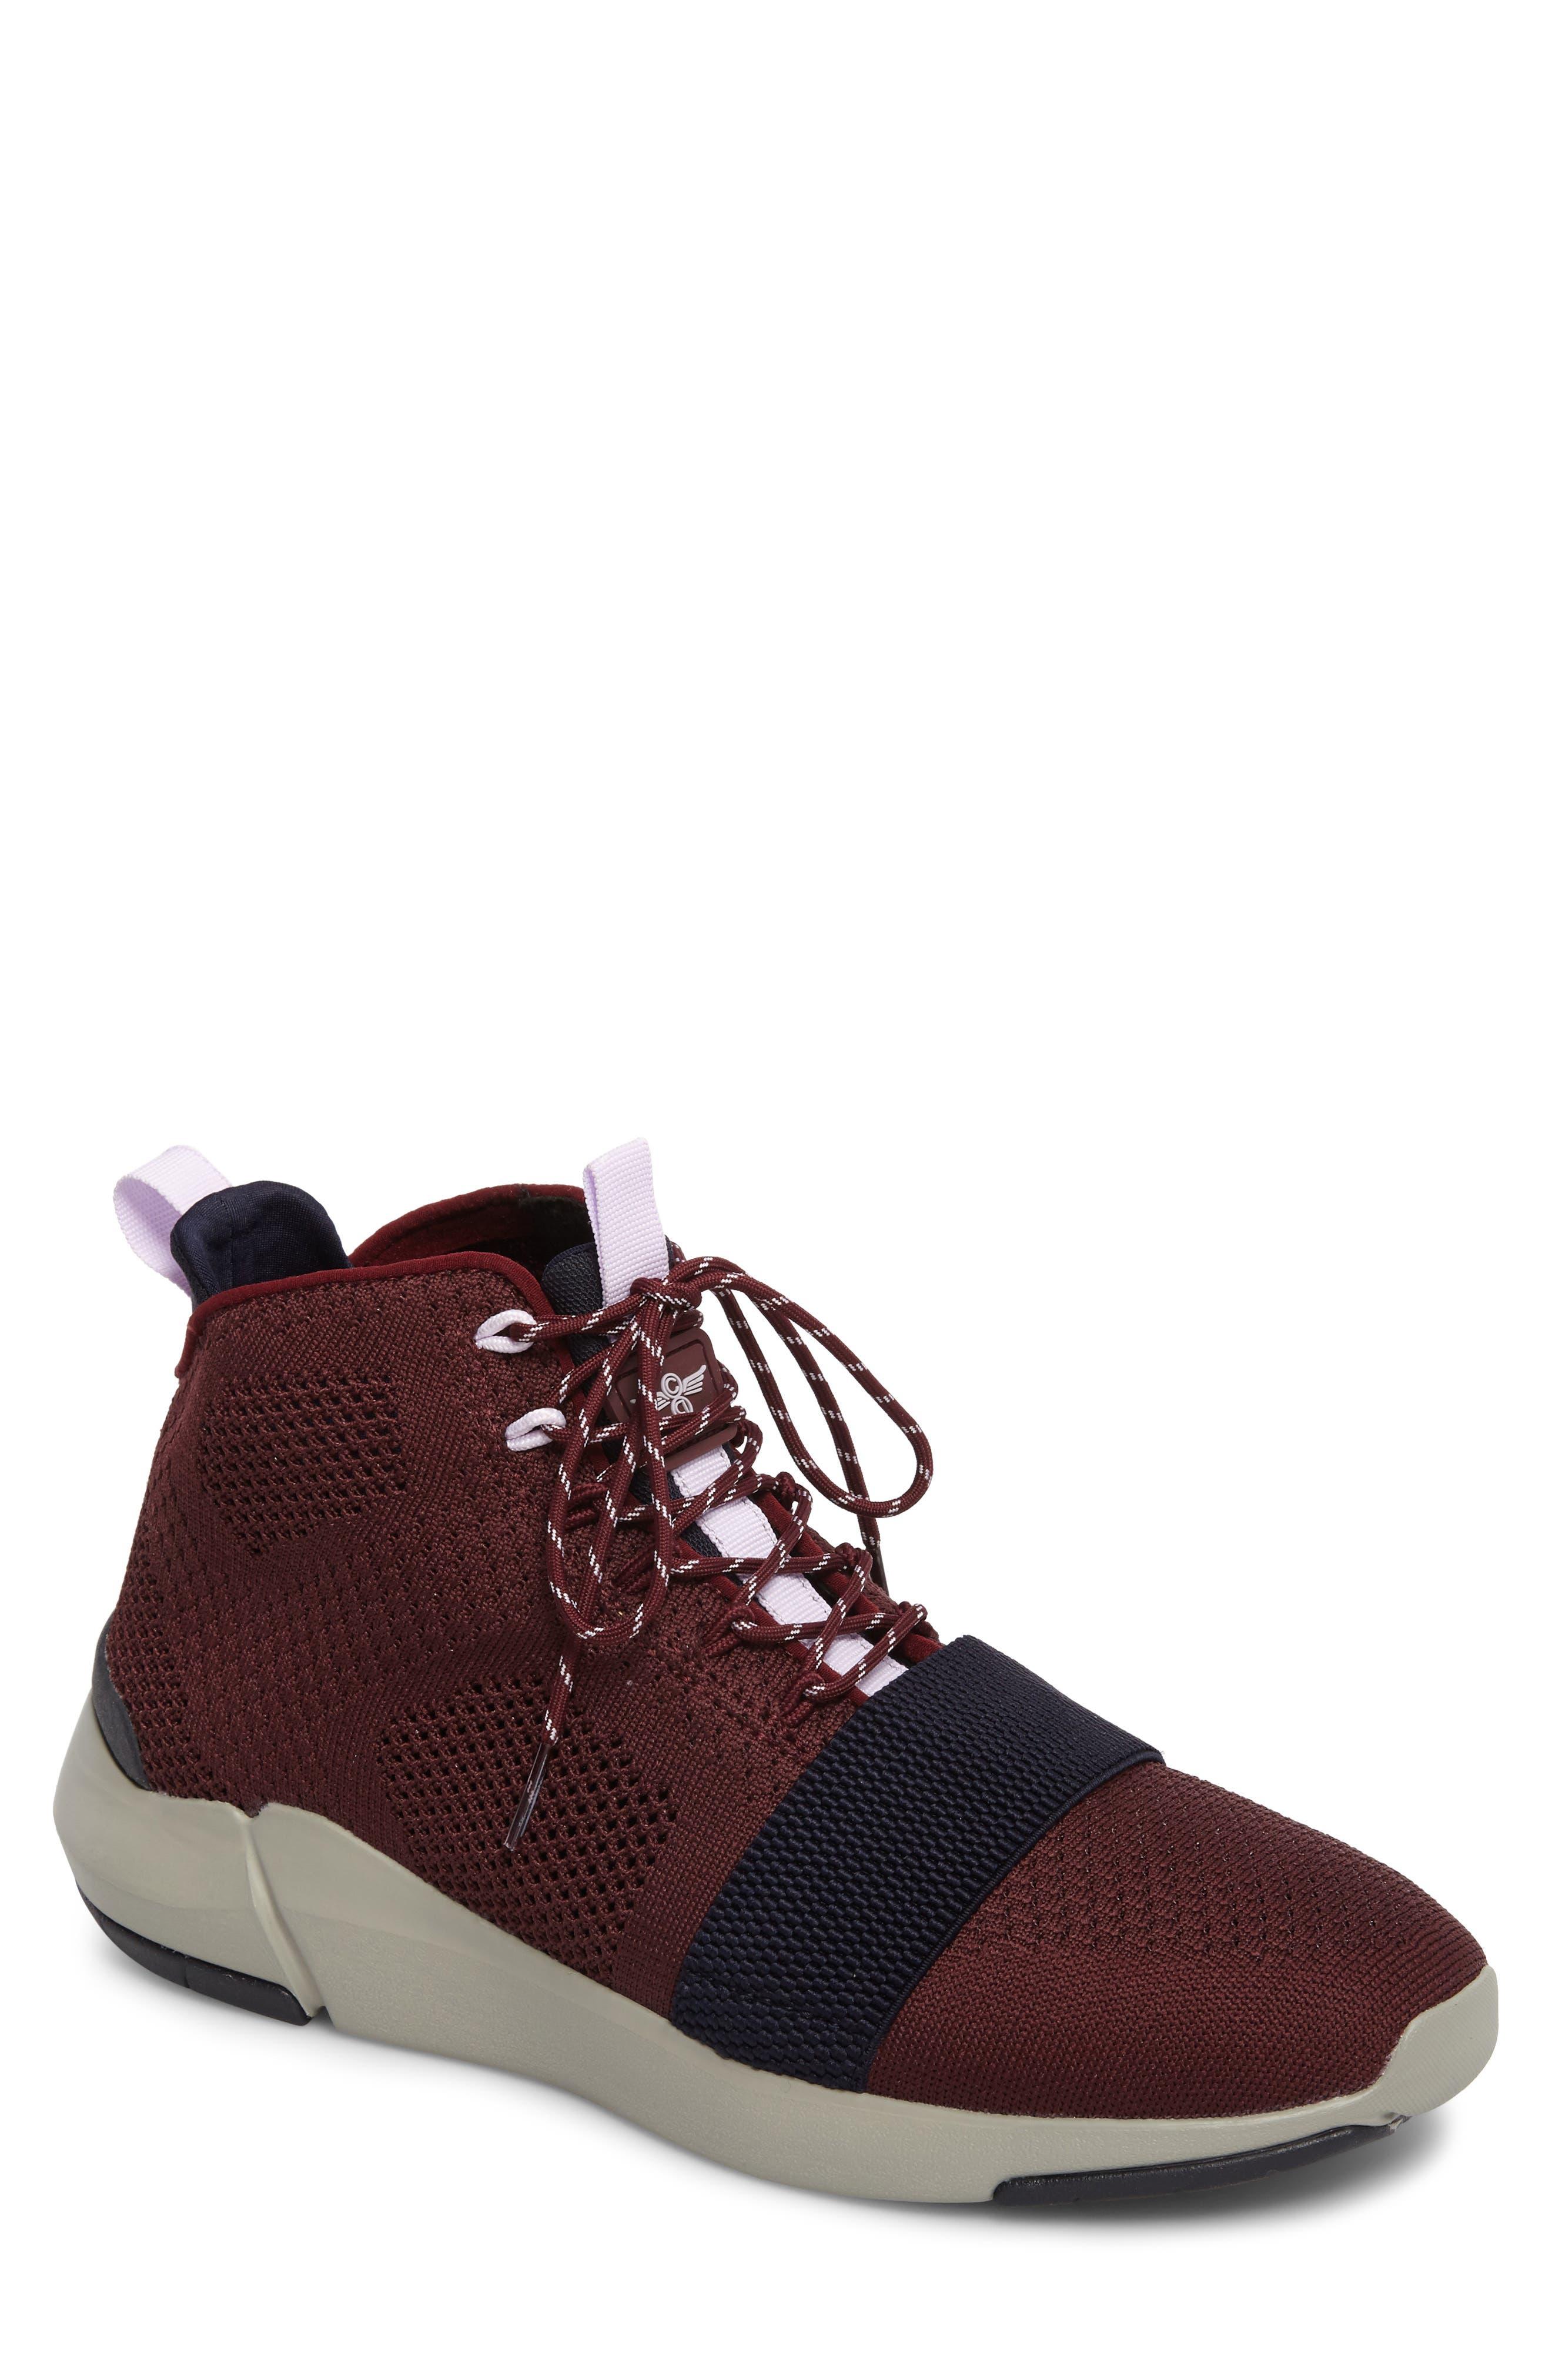 Modica Sneaker,                         Main,                         color, Dark Burgundy Navy